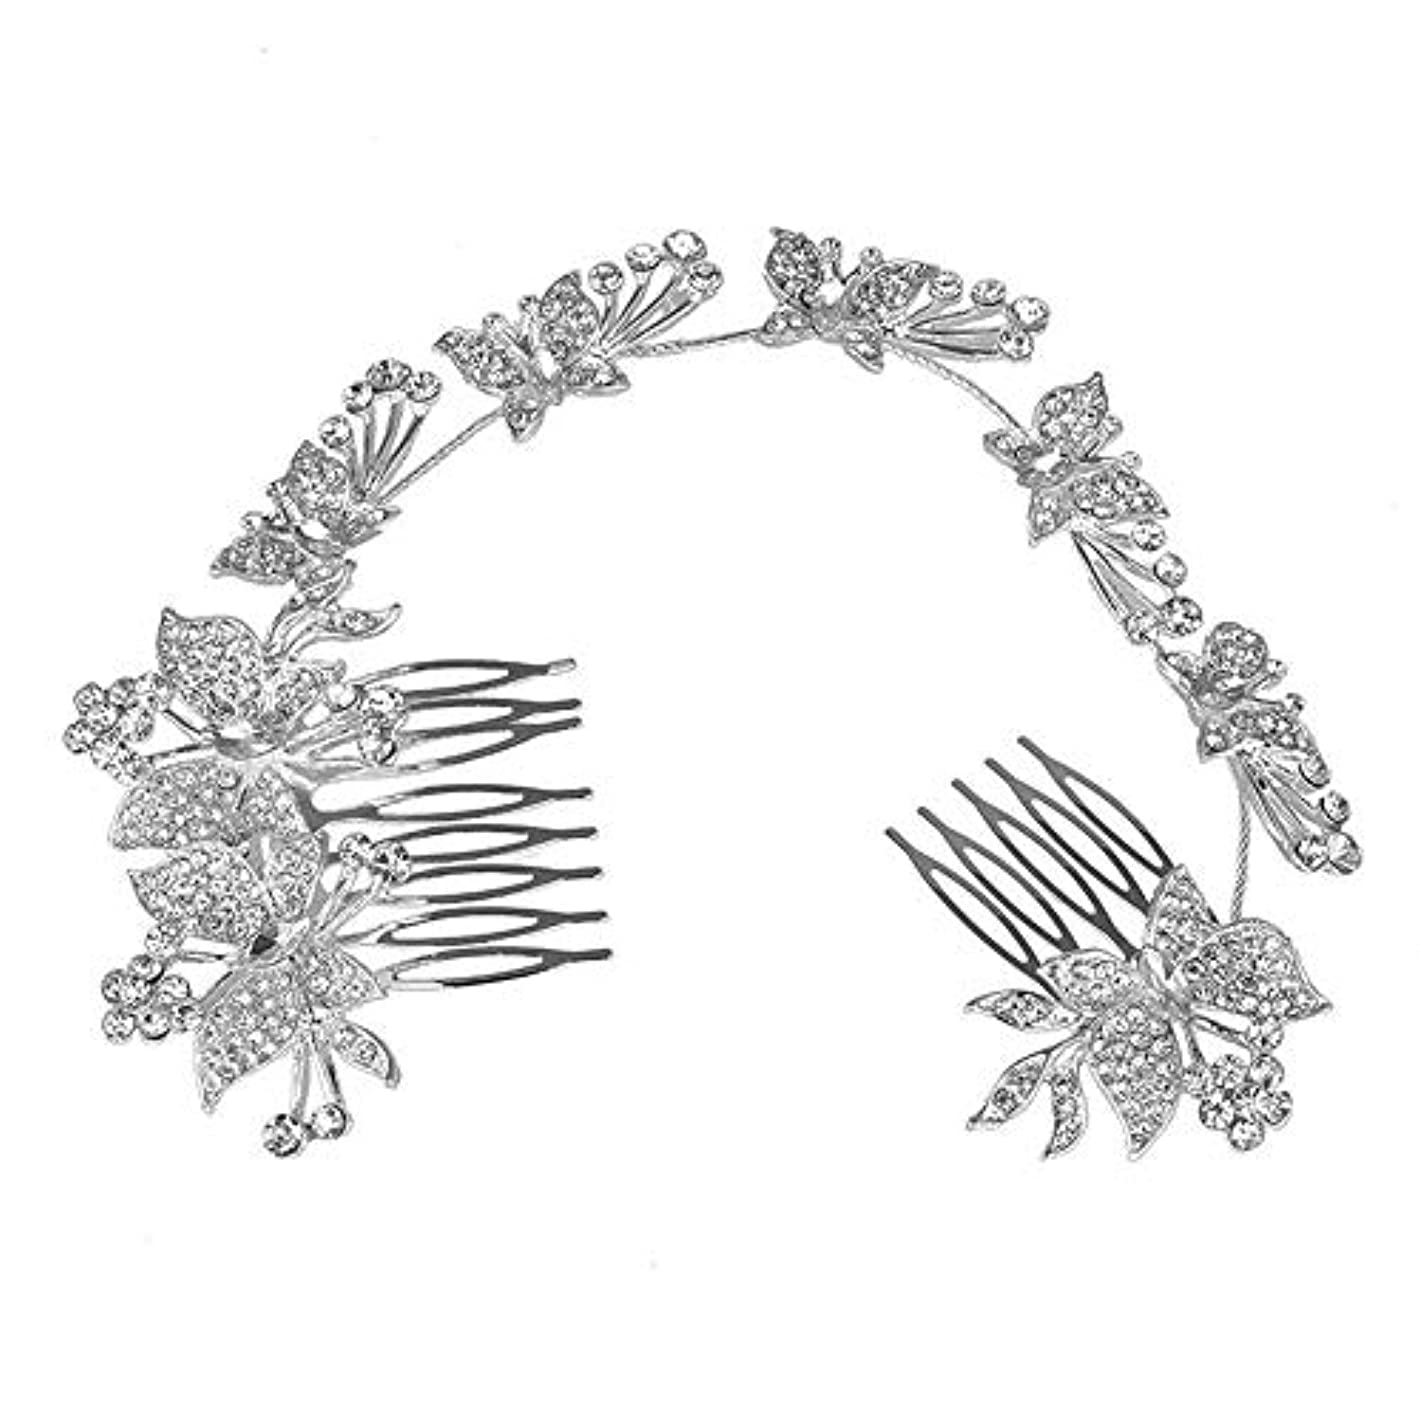 魔術師飢マイナス髪の櫛、櫛、蝶、髪の櫛、ブライダル髪の櫛、結婚式の髪の櫛、ラインストーンの櫛、ヘッドギア